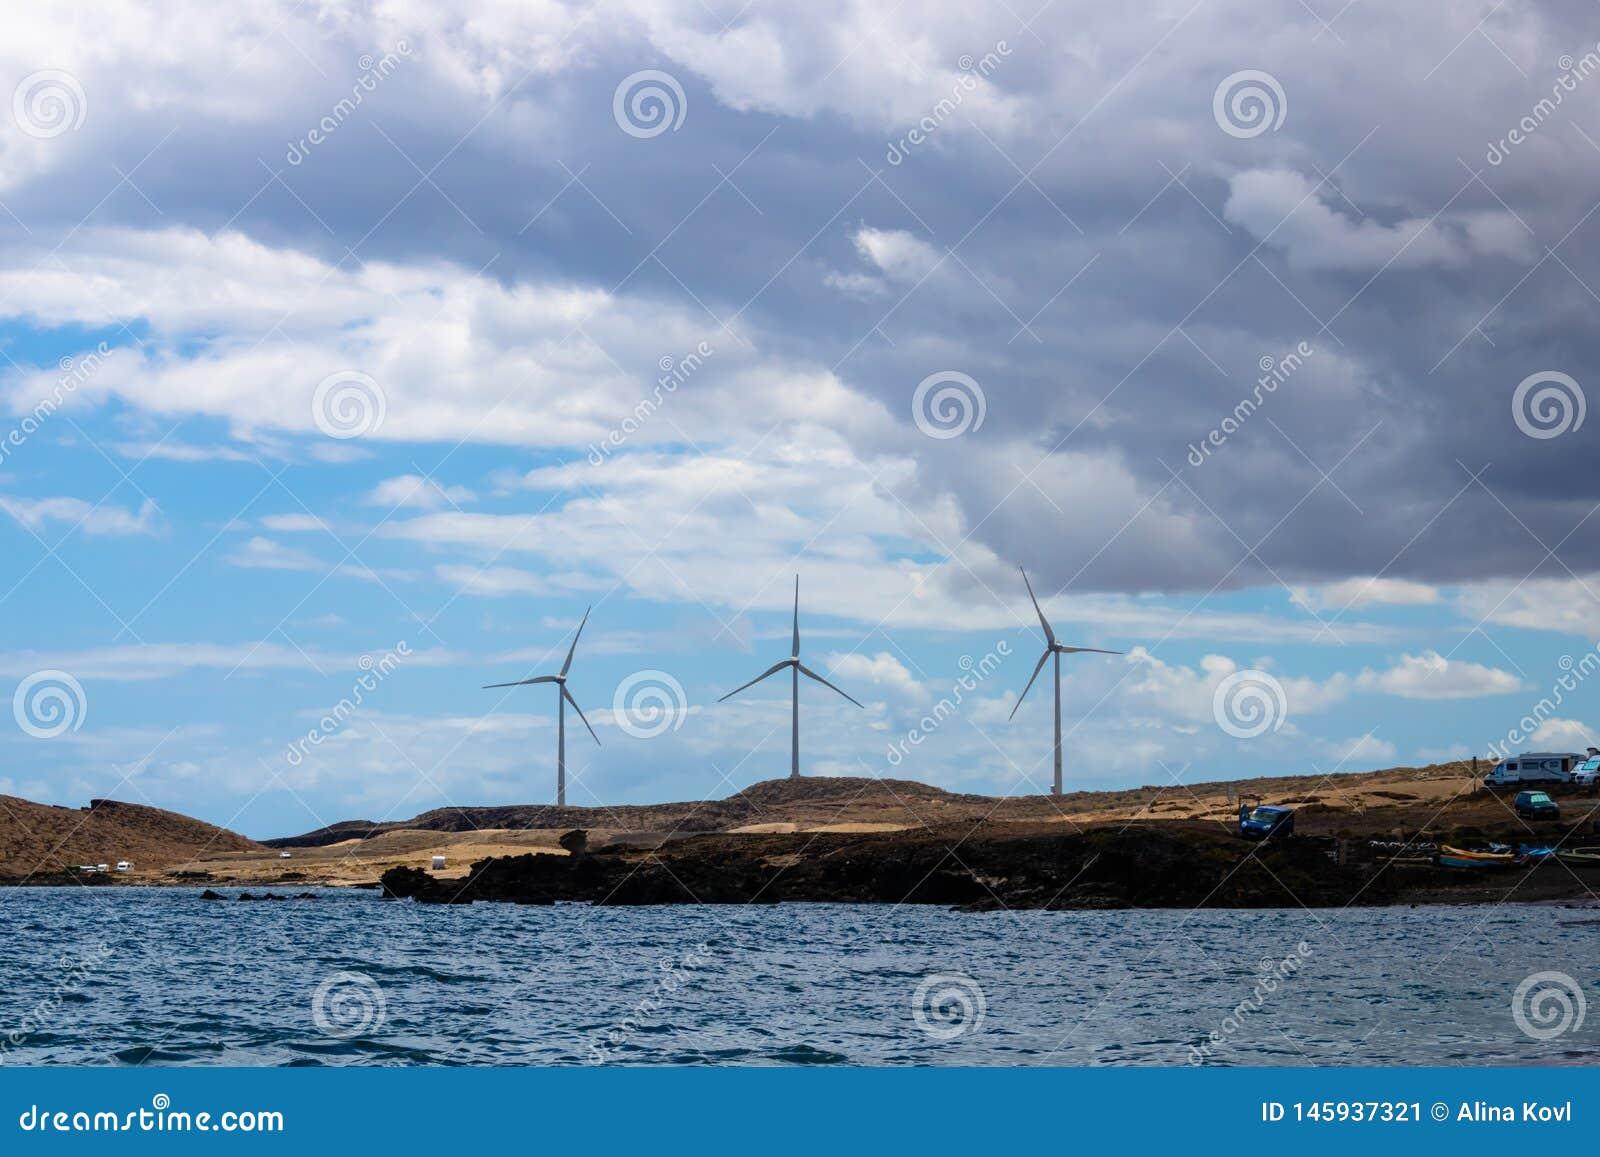 Ferme de vent fonctionnant, trois turbines de vent avec la vue de mer sur T?n?rife, ?les Canaries, Espagne - image